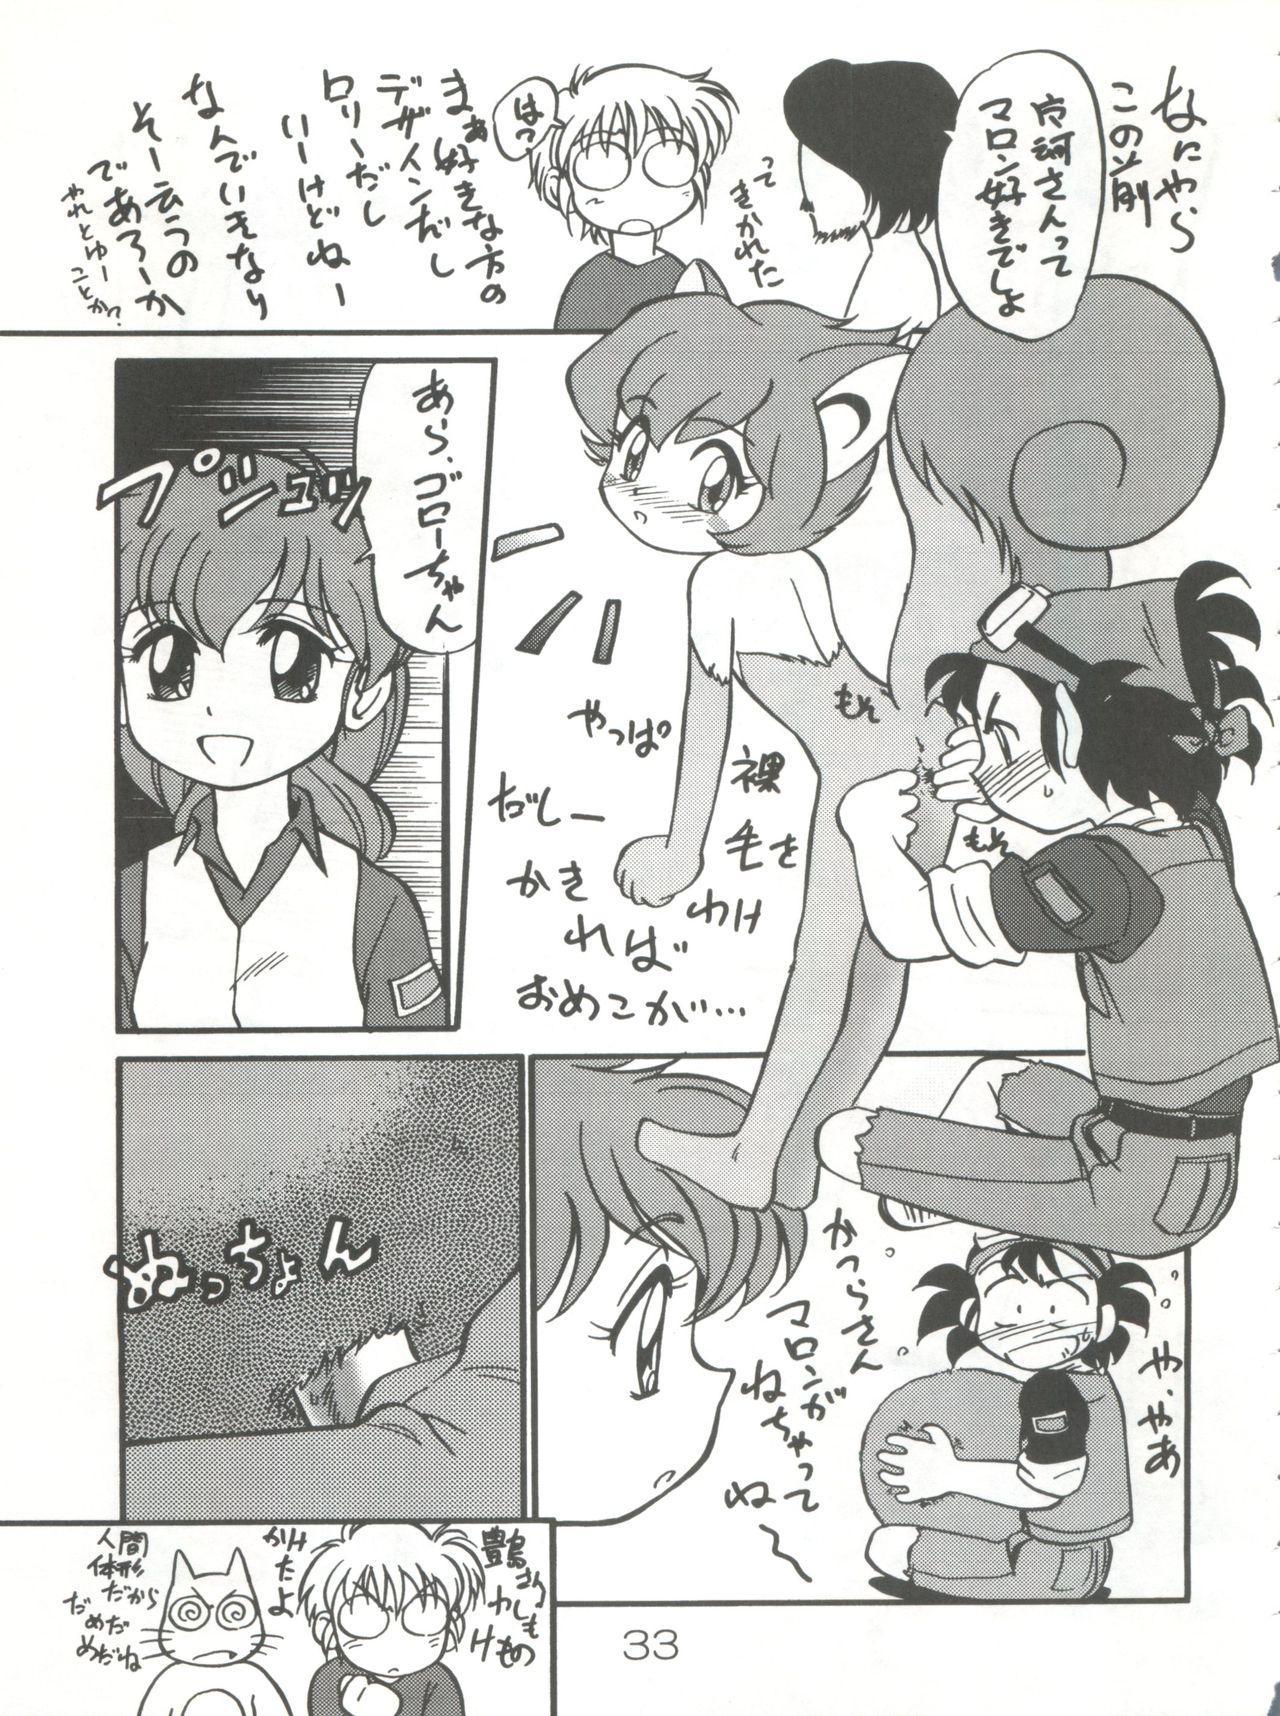 Mahou no Okusuri 31